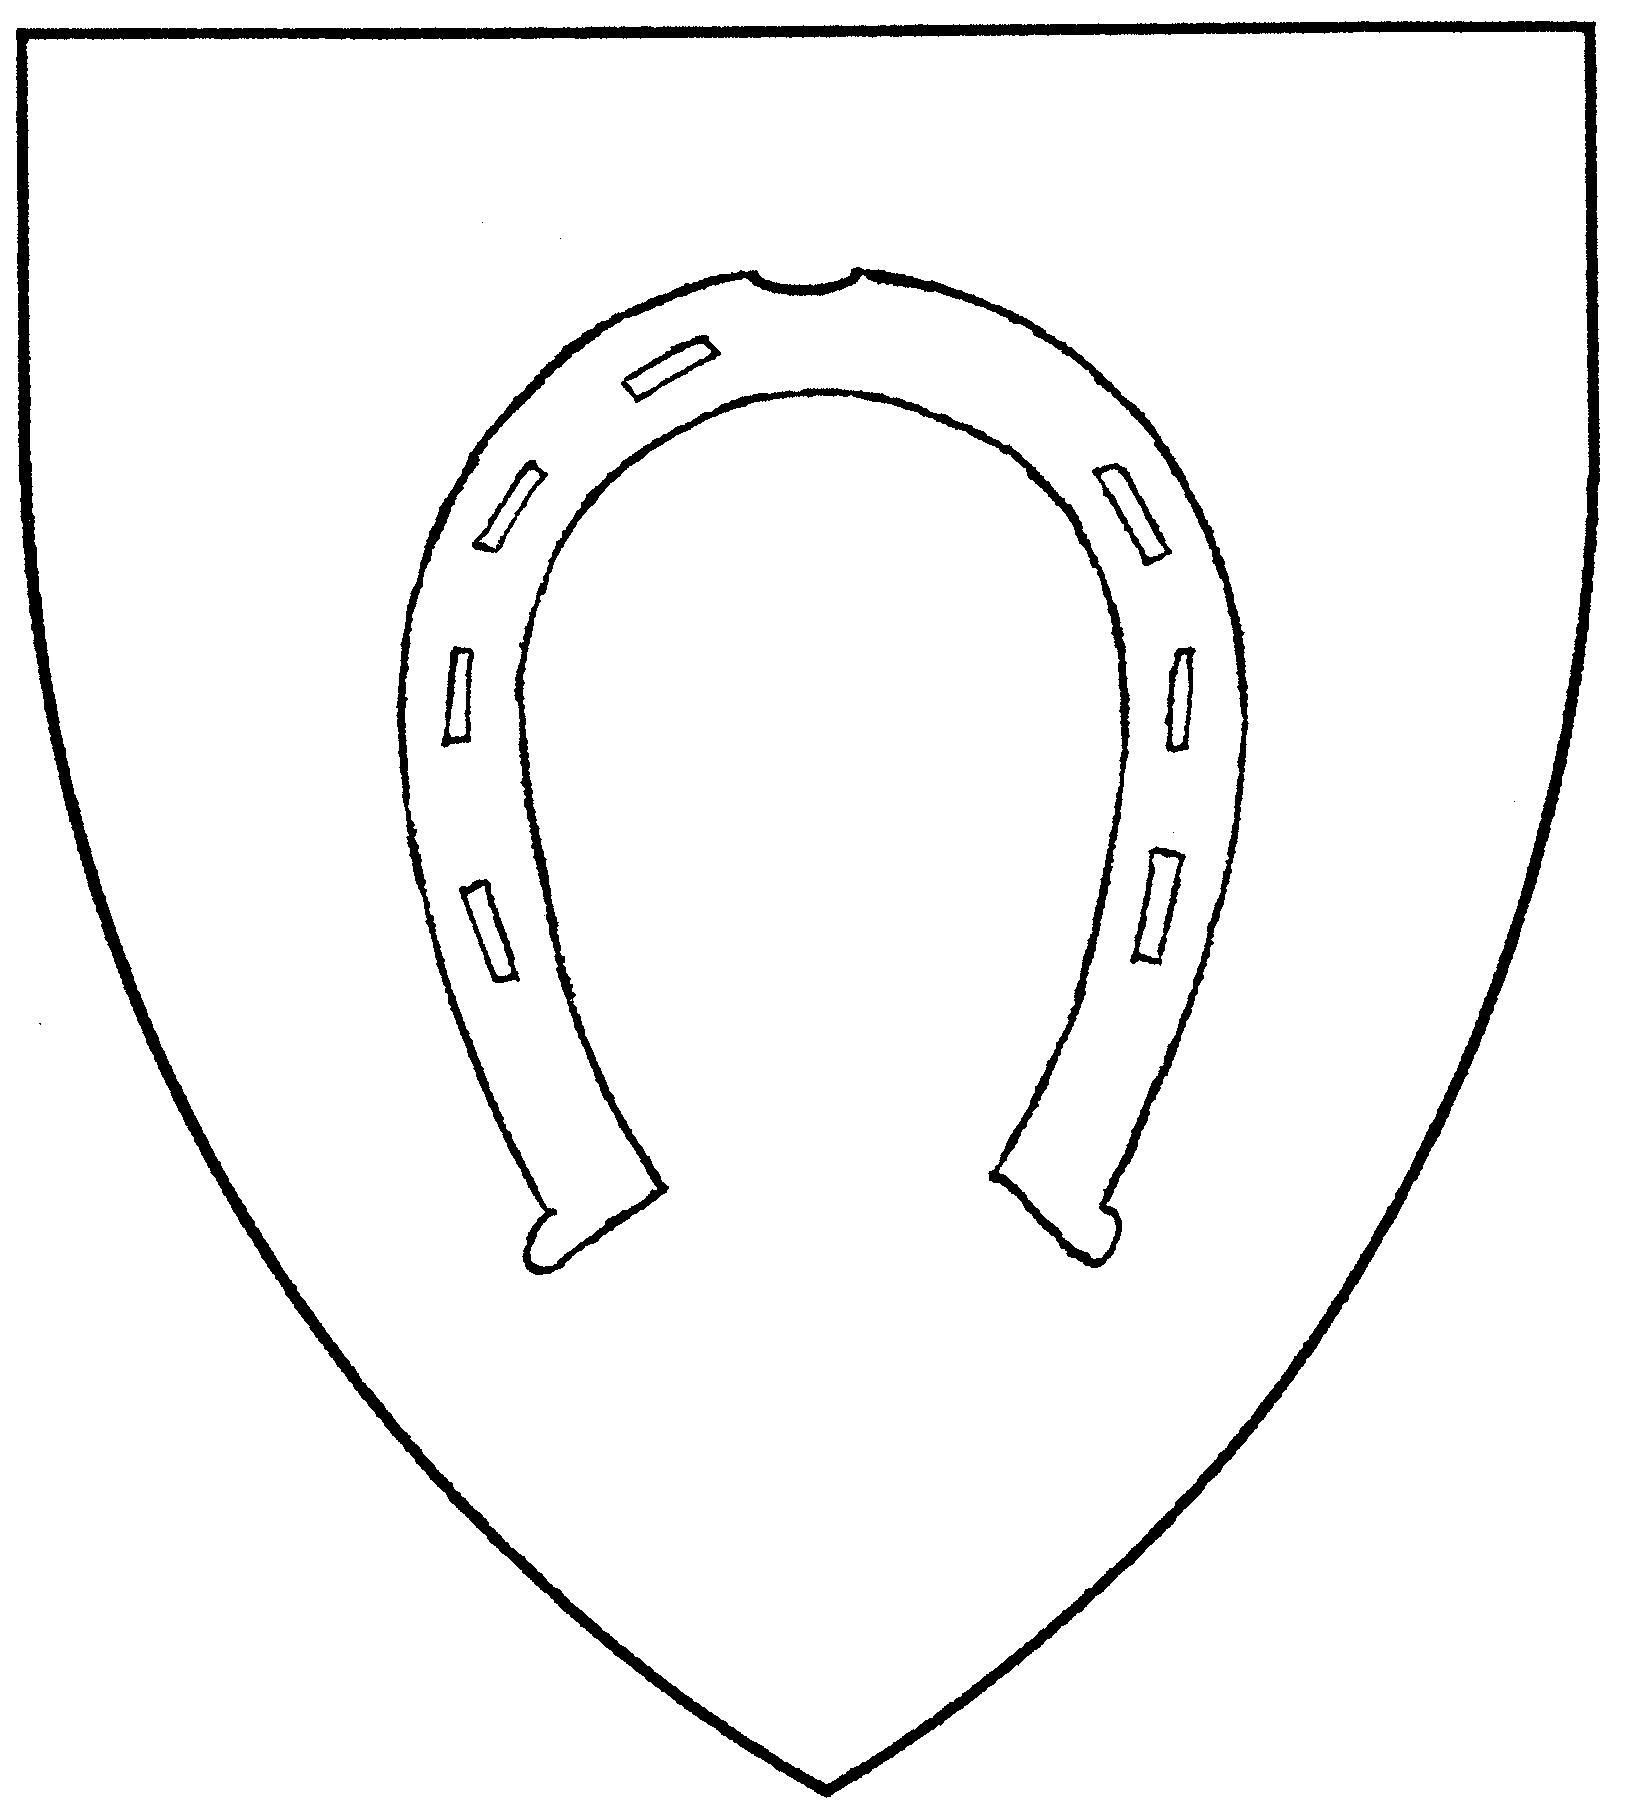 horseshoe drawing - photo #24